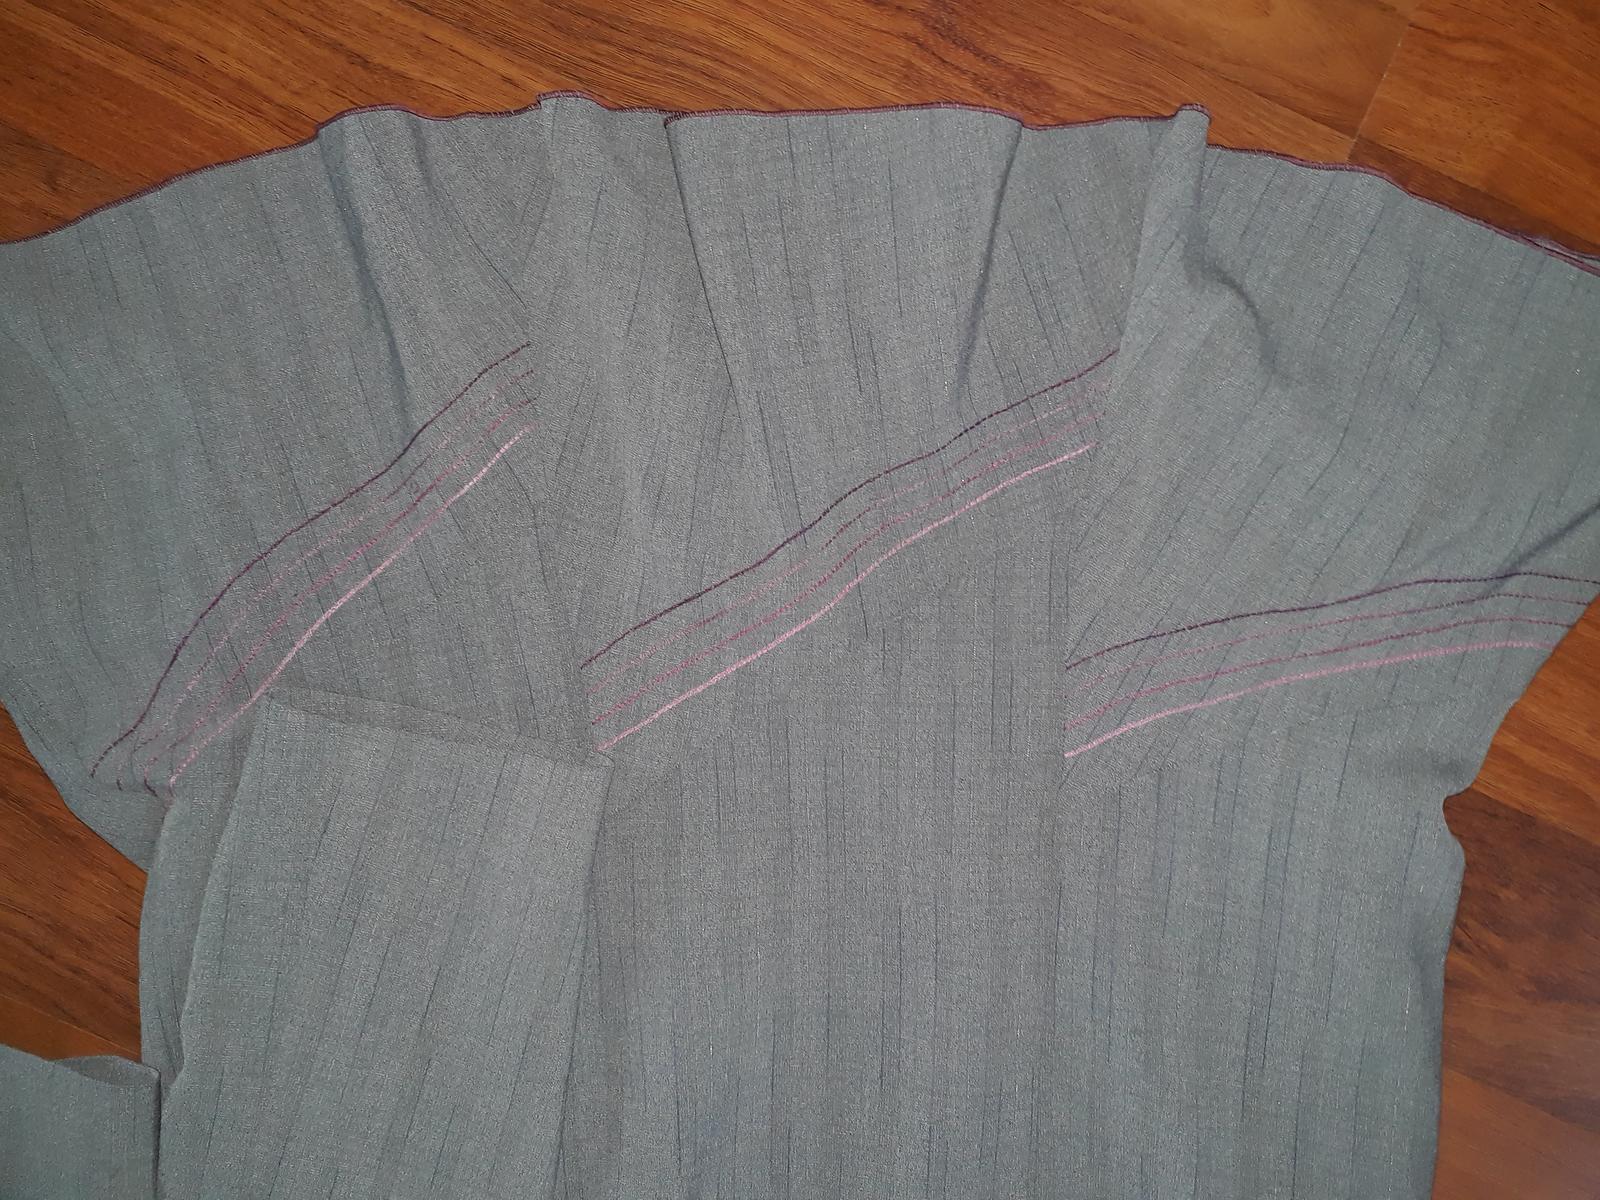 dámský kostým sukně a sako, vel 40 - Obrázek č. 2